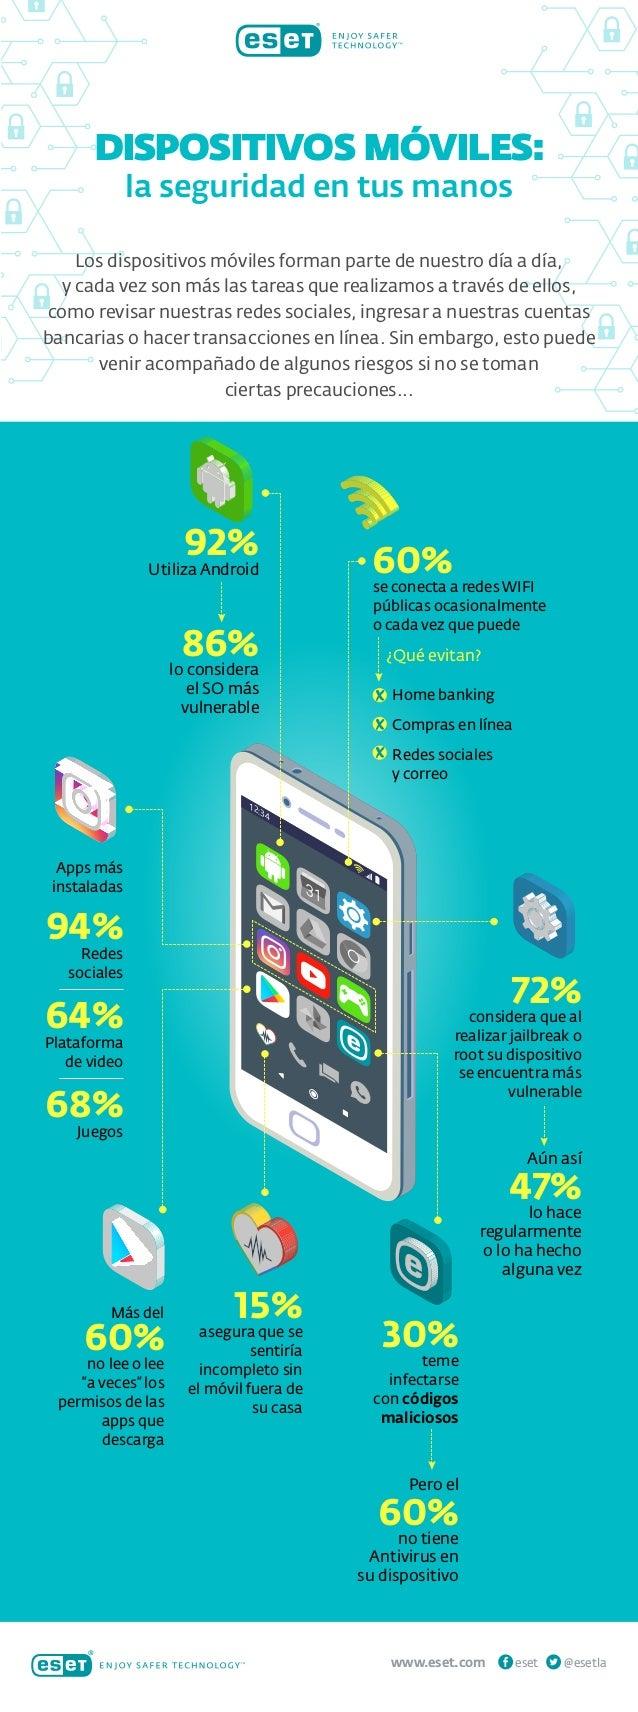 www.eset.com @esetlaeset Los dispositivos móviles forman parte de nuestro día a día, y cada vez son más las tareas que rea...